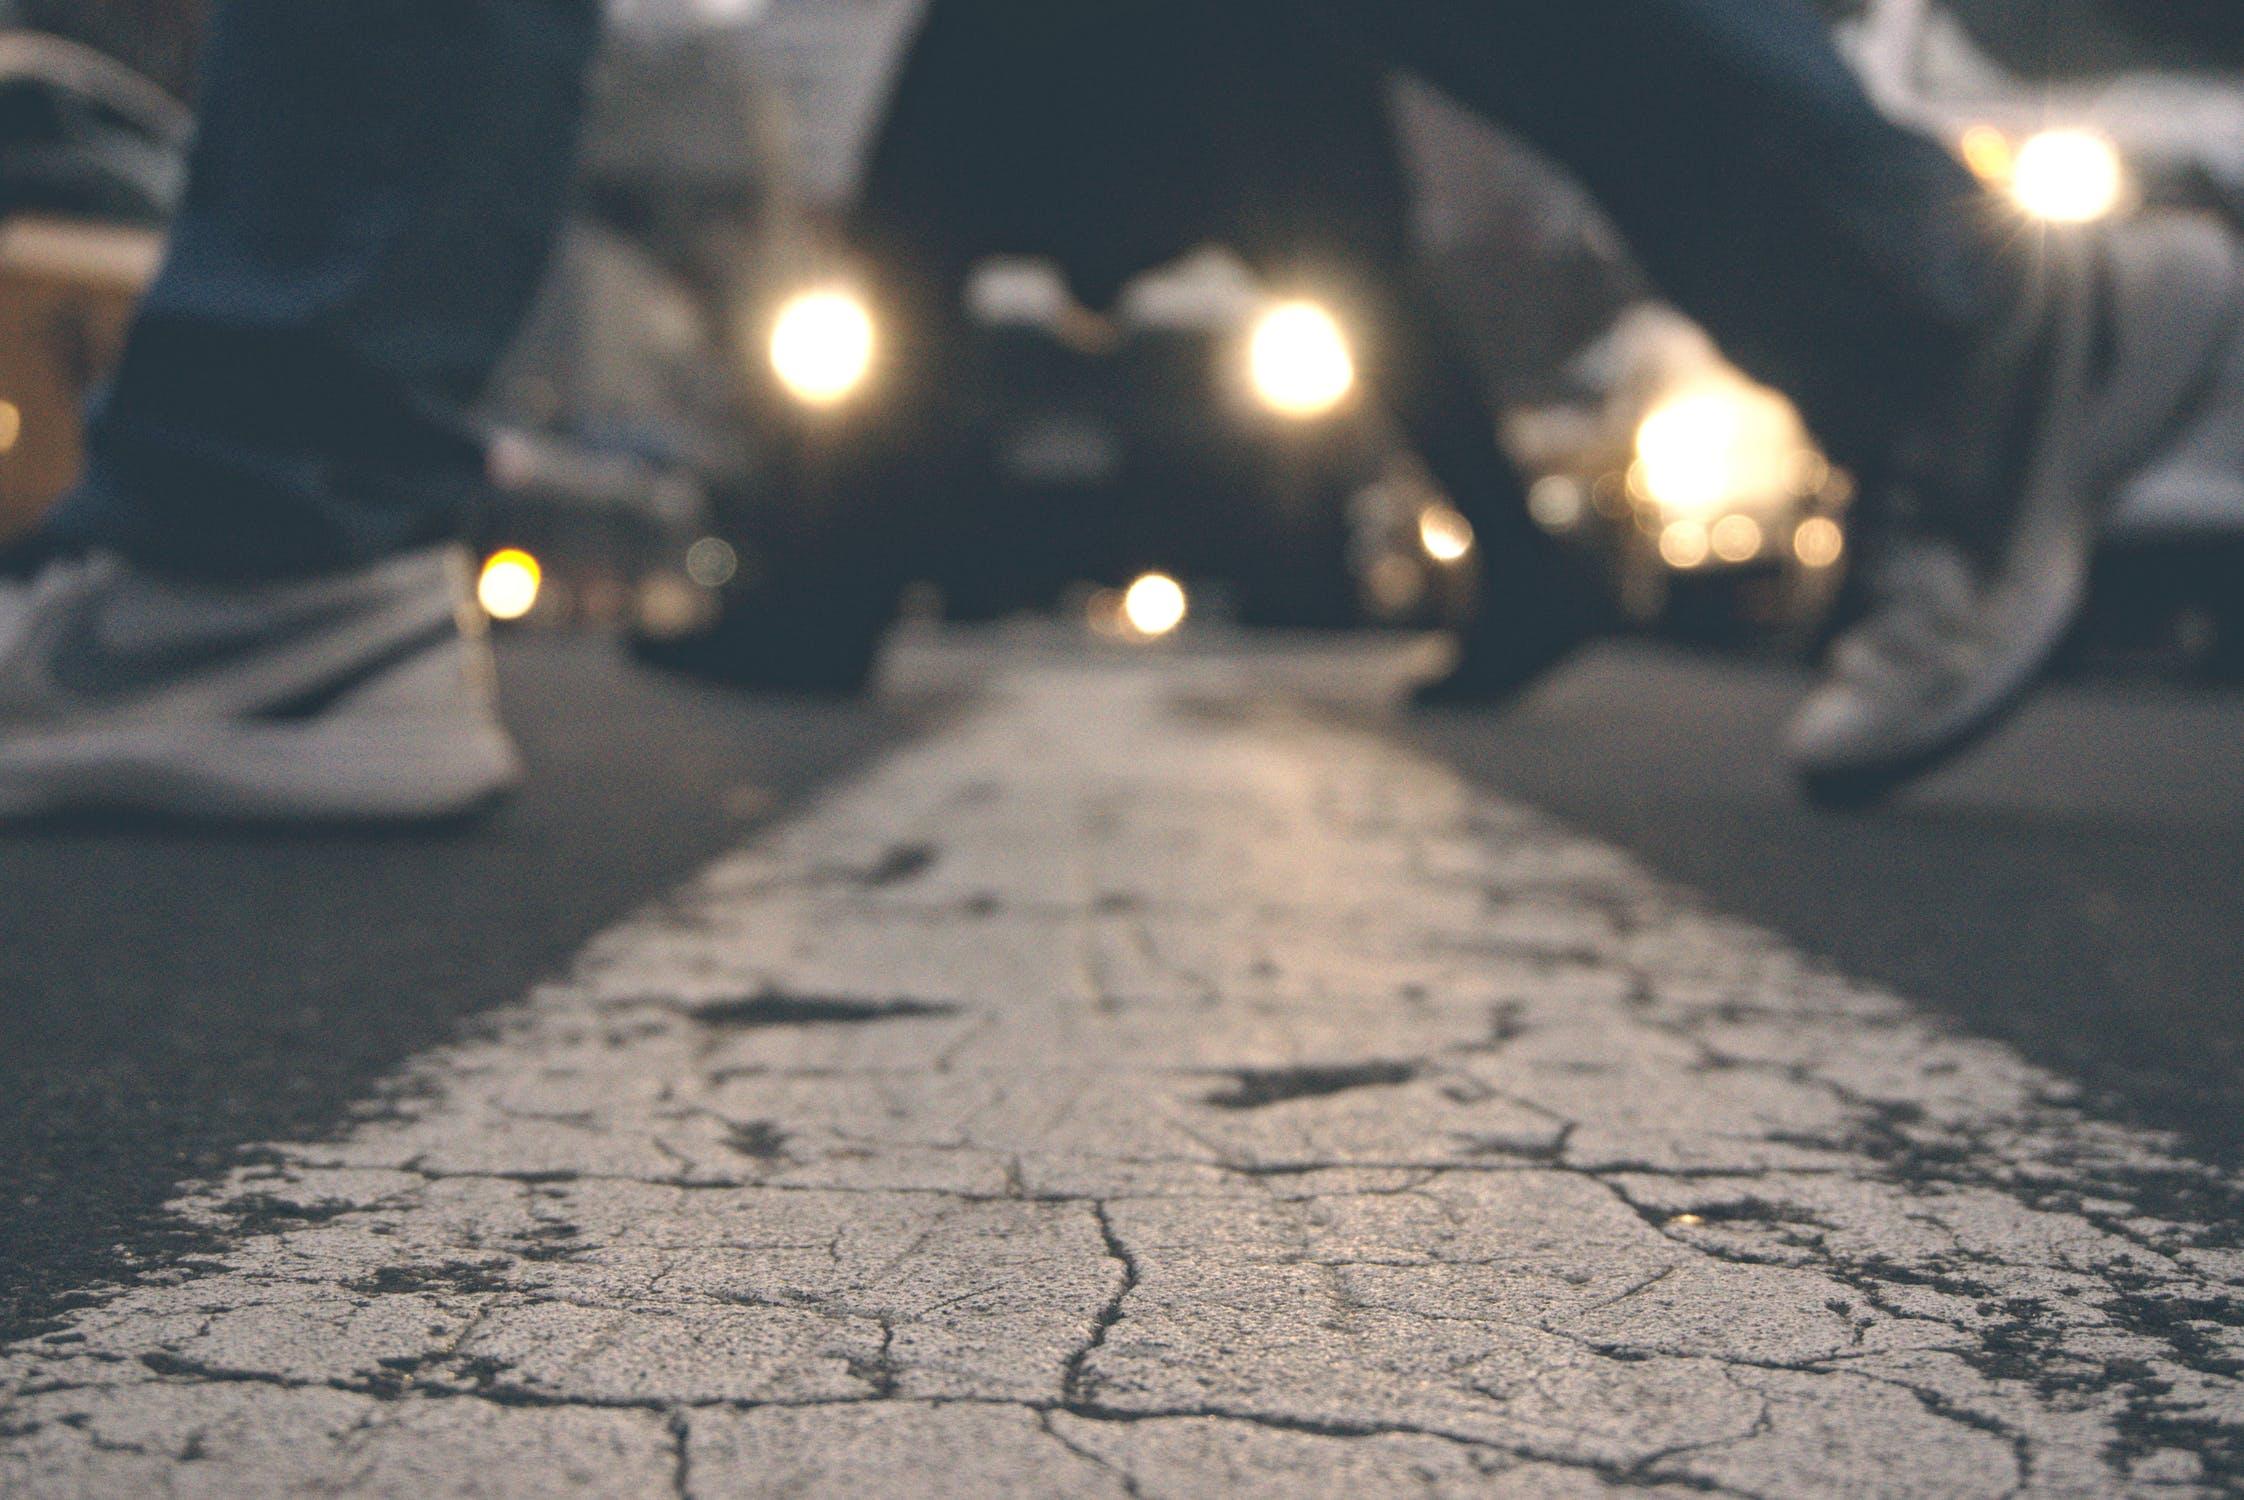 Habilitarán cámaras en 50 nuevos cruces de vialidad en la ciudad